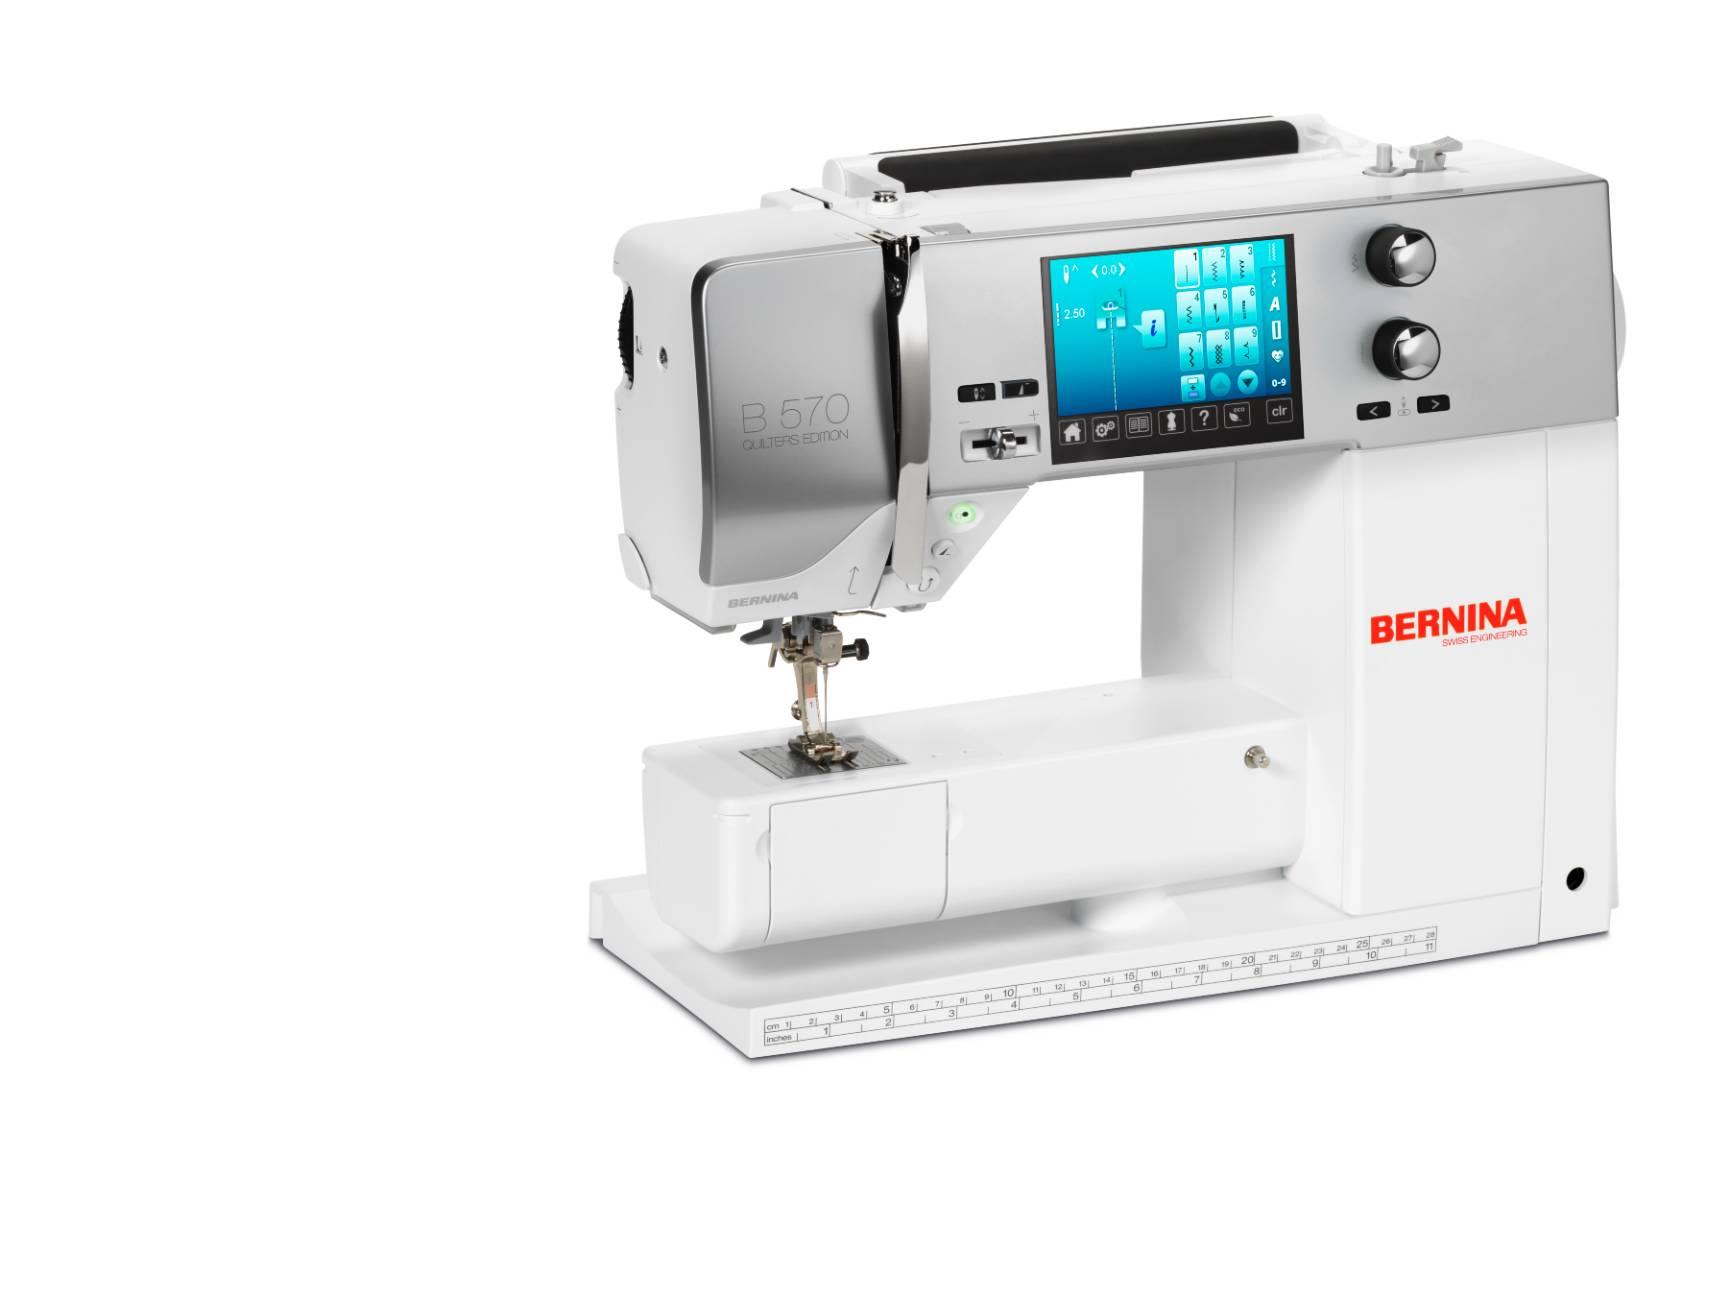 šicí a vyšívací stroj Bernina 570 EE + záruka 5 let-1